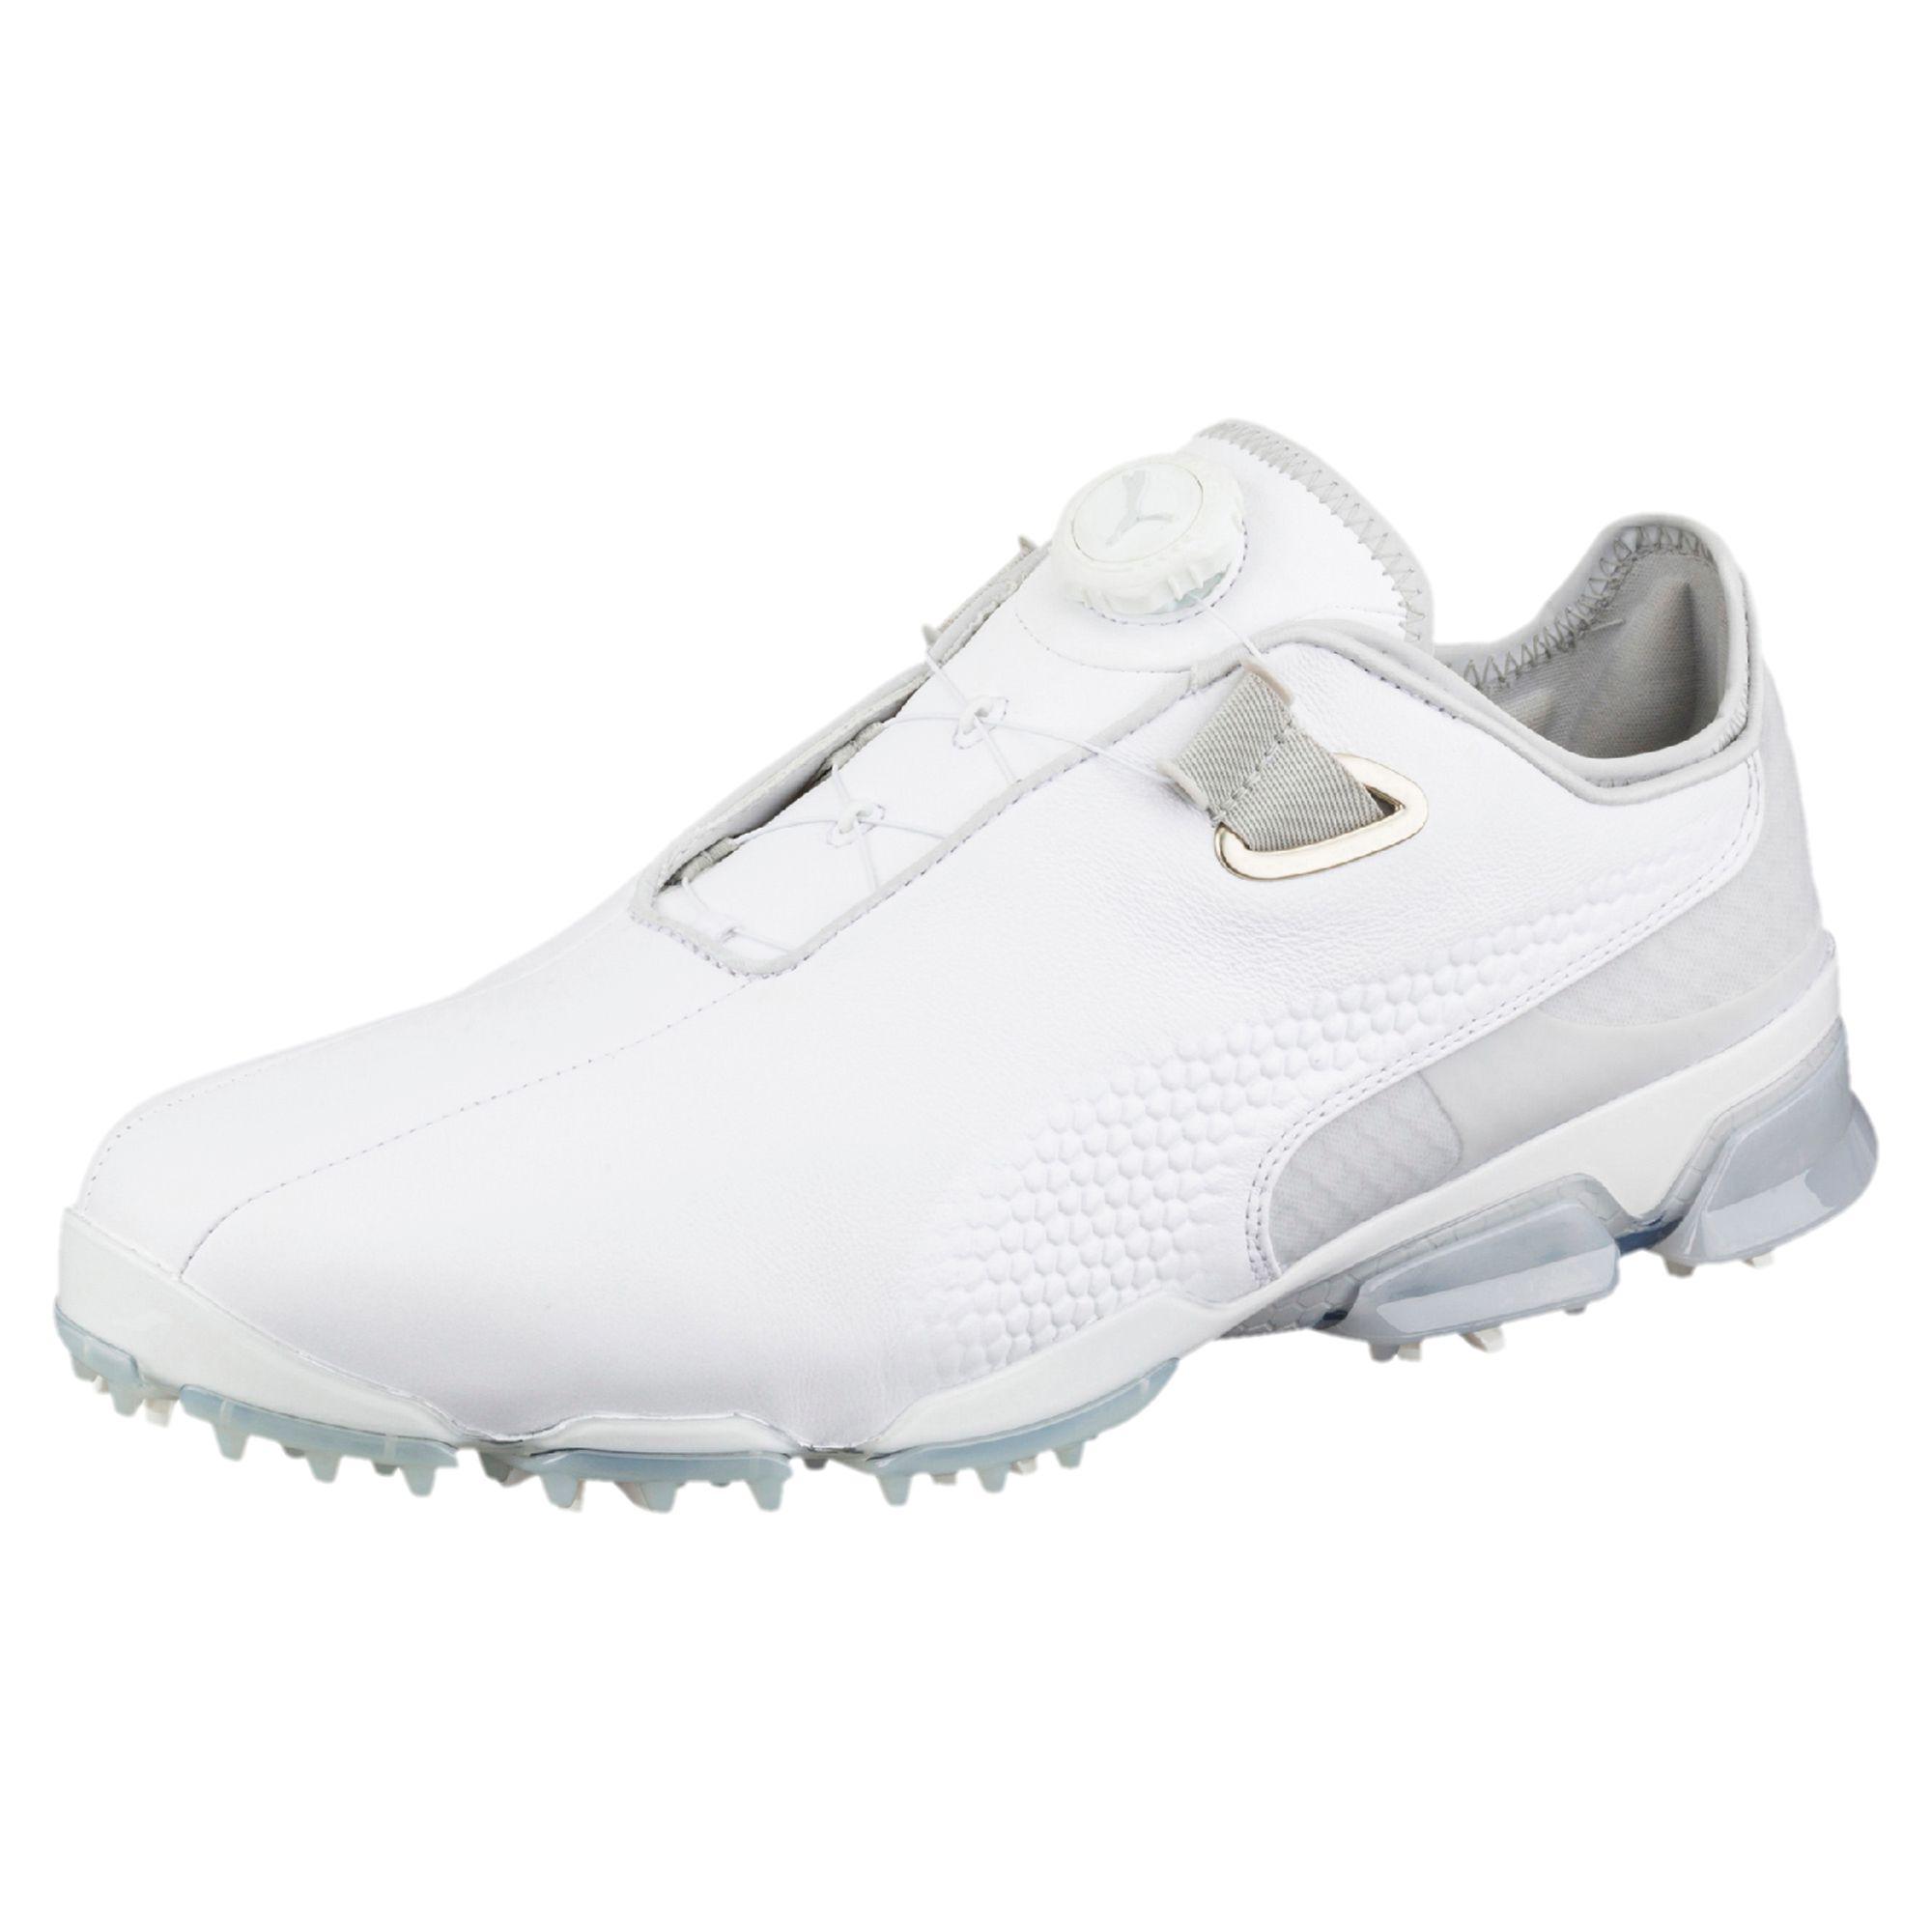 ТИТАН тур IGNITE Premium DISC мужской обуви для гольфа